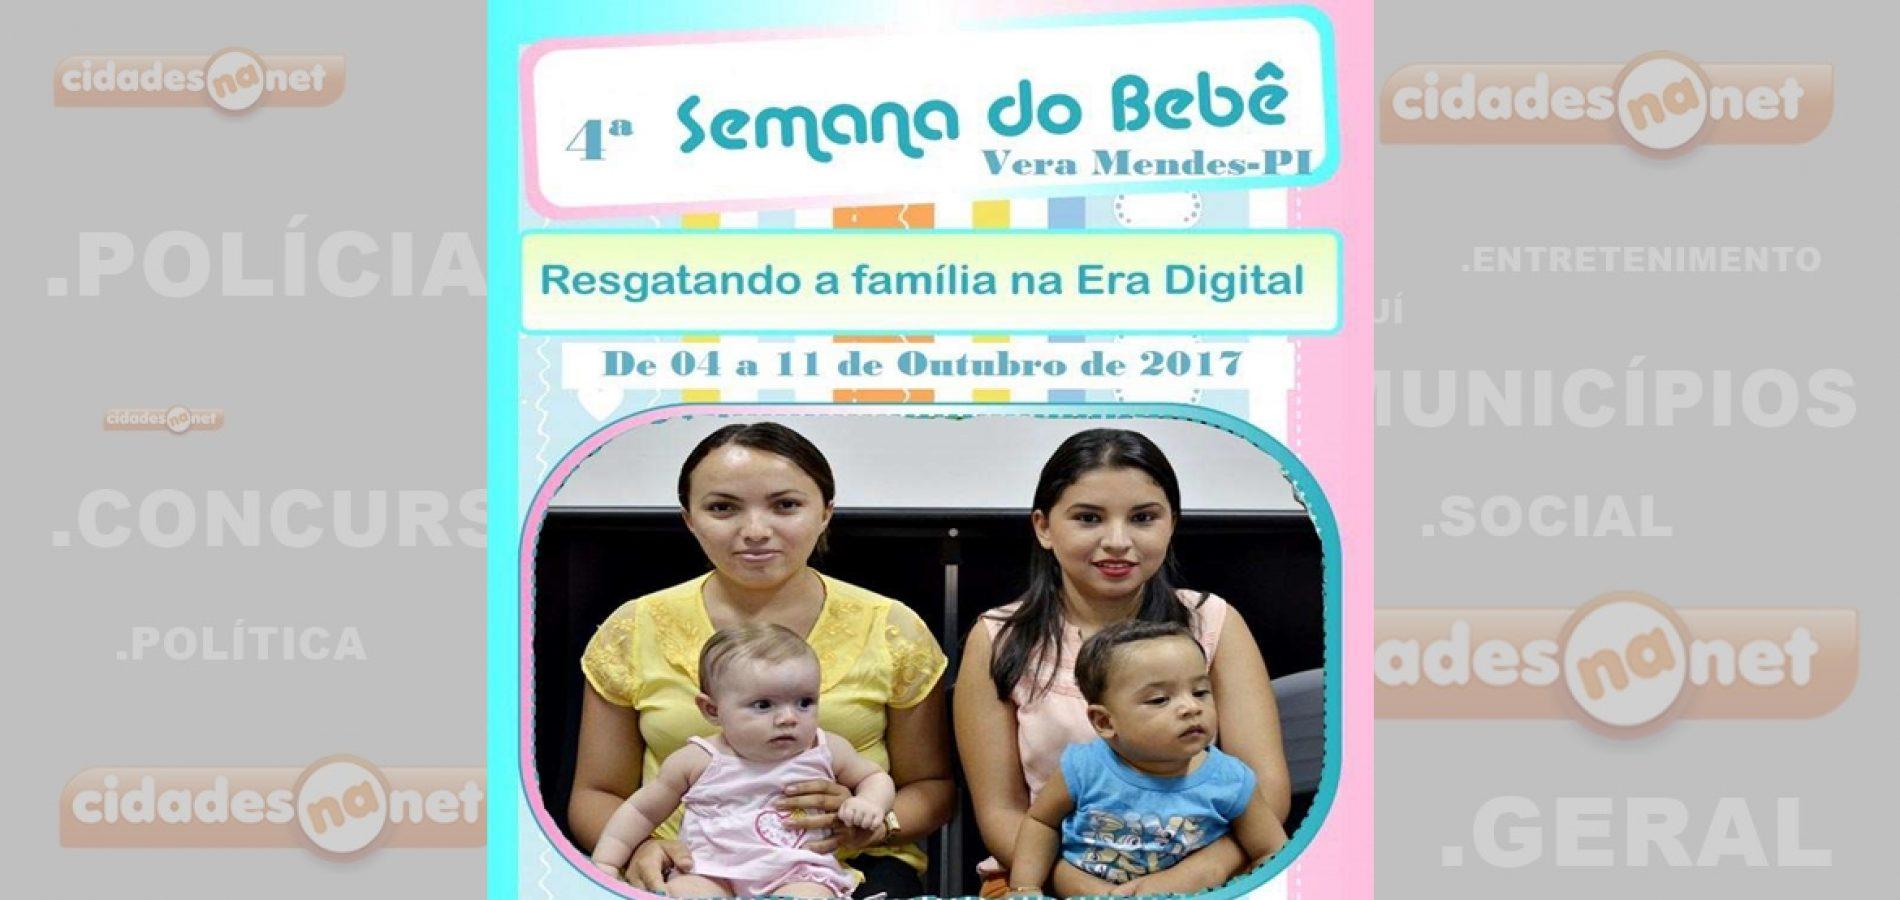 """Com o tema """"Resgatando a família na era digital"""", Vera Mendes vai realizar 4º Semana do Bebê; veja a programação"""